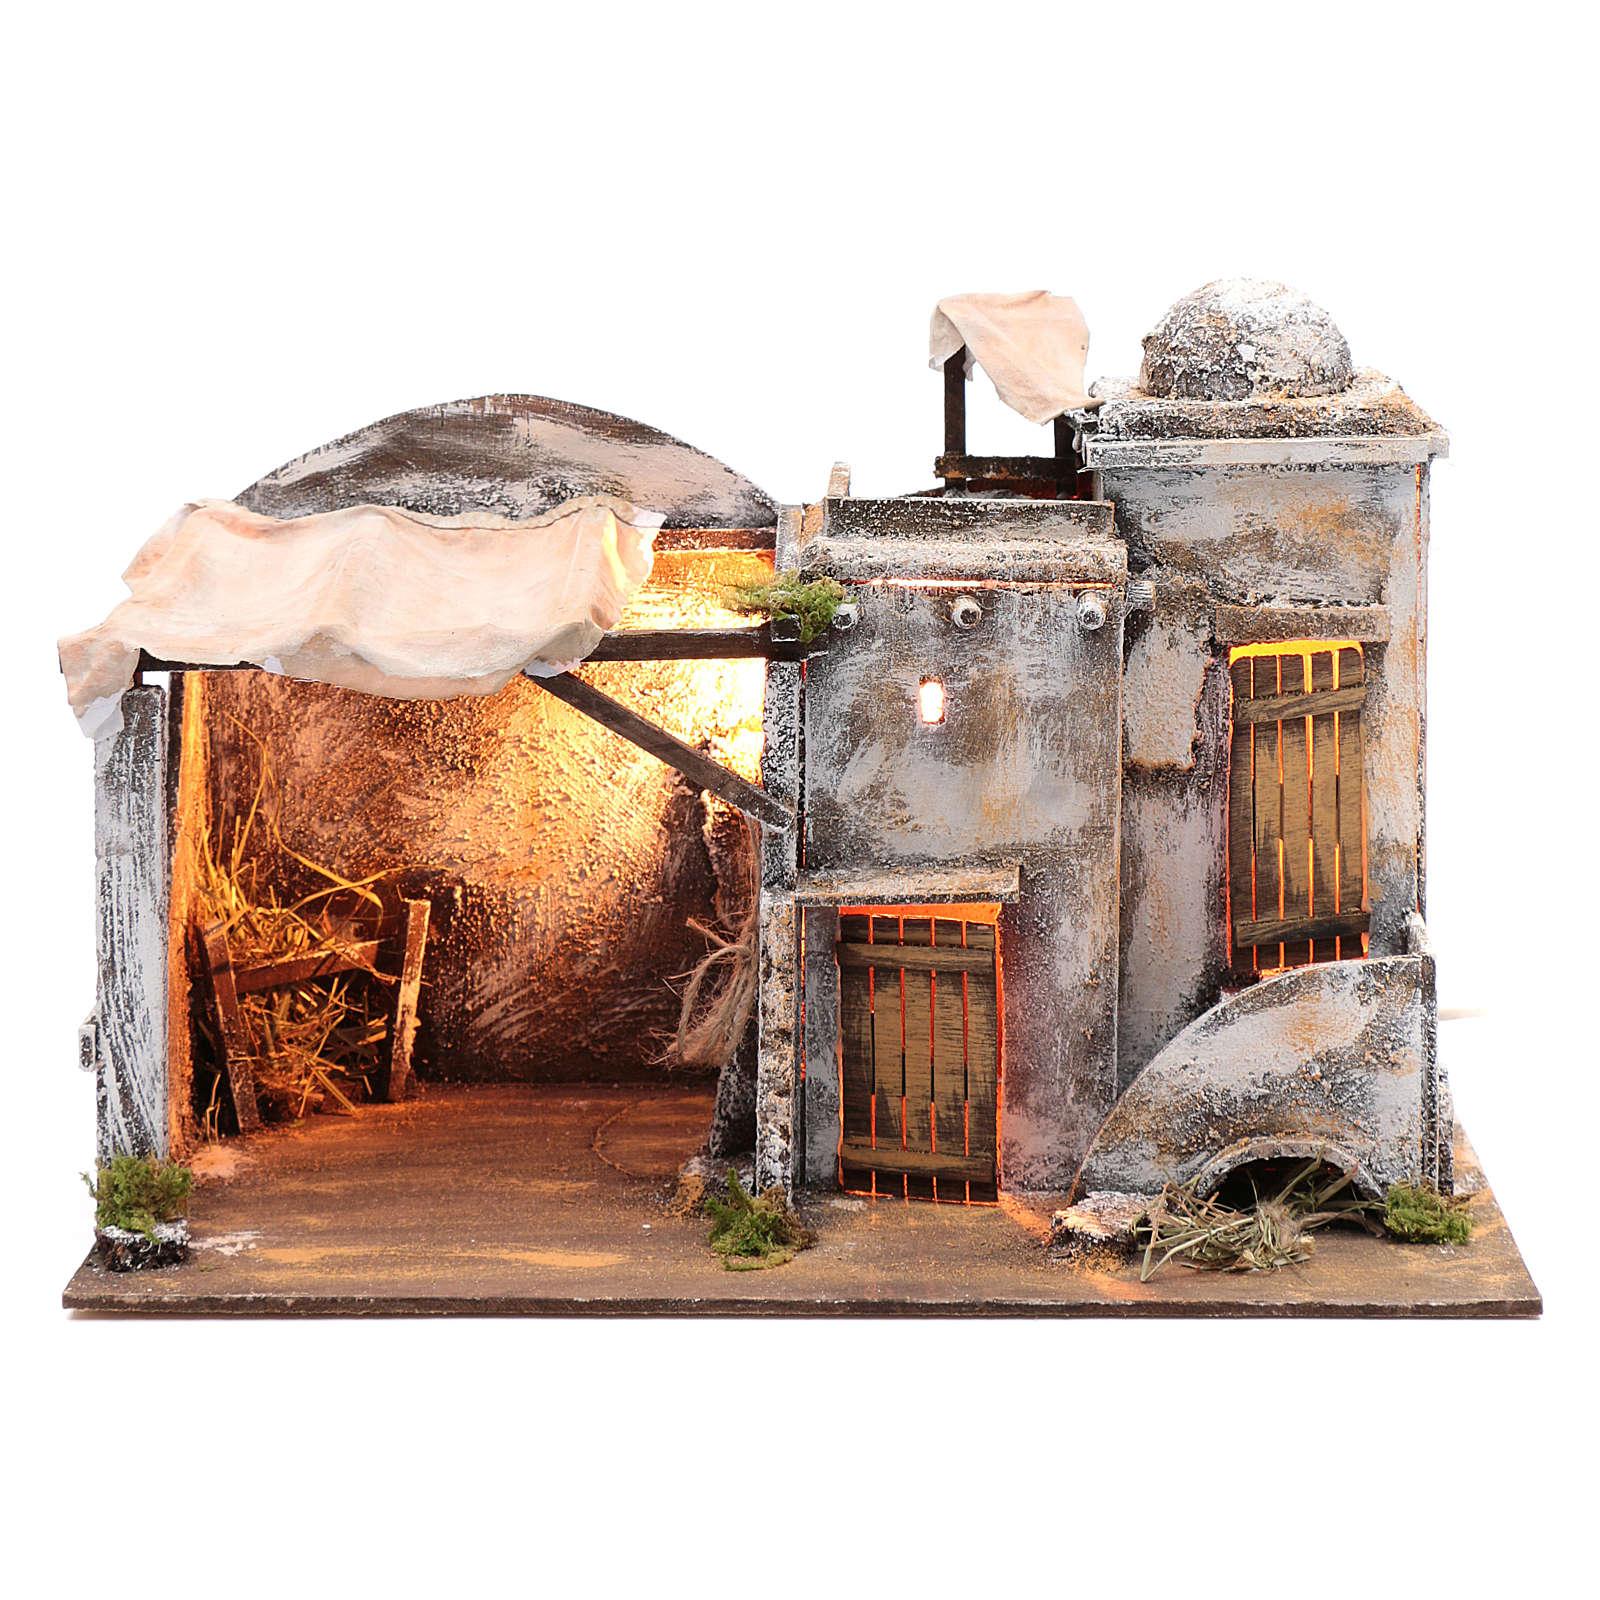 Ambientazione casa araba e capanna 30x40x25 cm presepe di Napoli 4